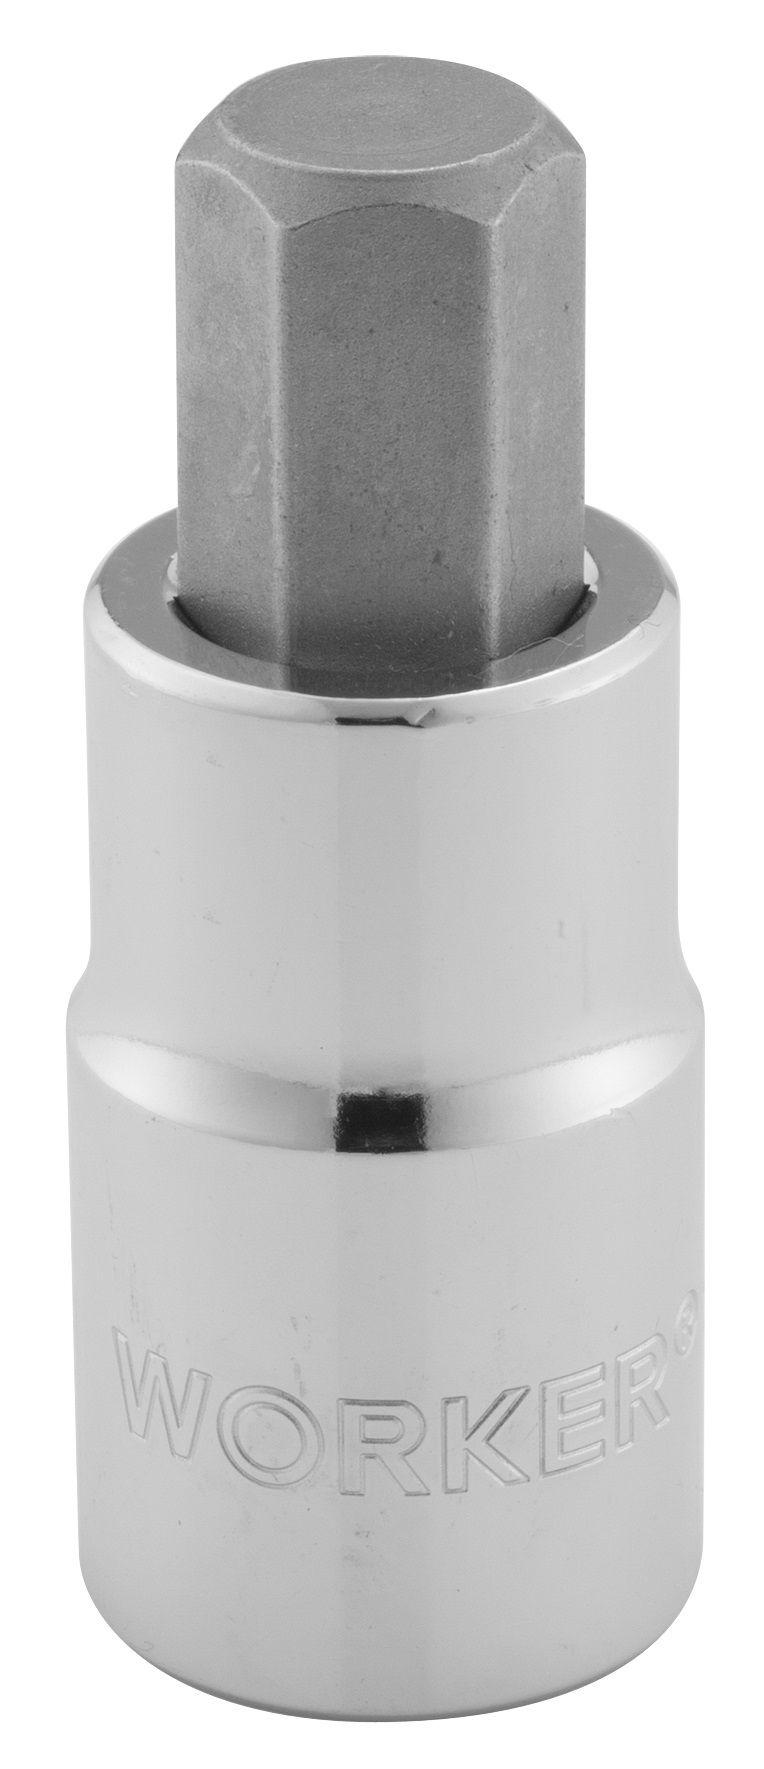 Chave Soquete Encaixe de 1/2 Hexagonal Medida 14mm Worker